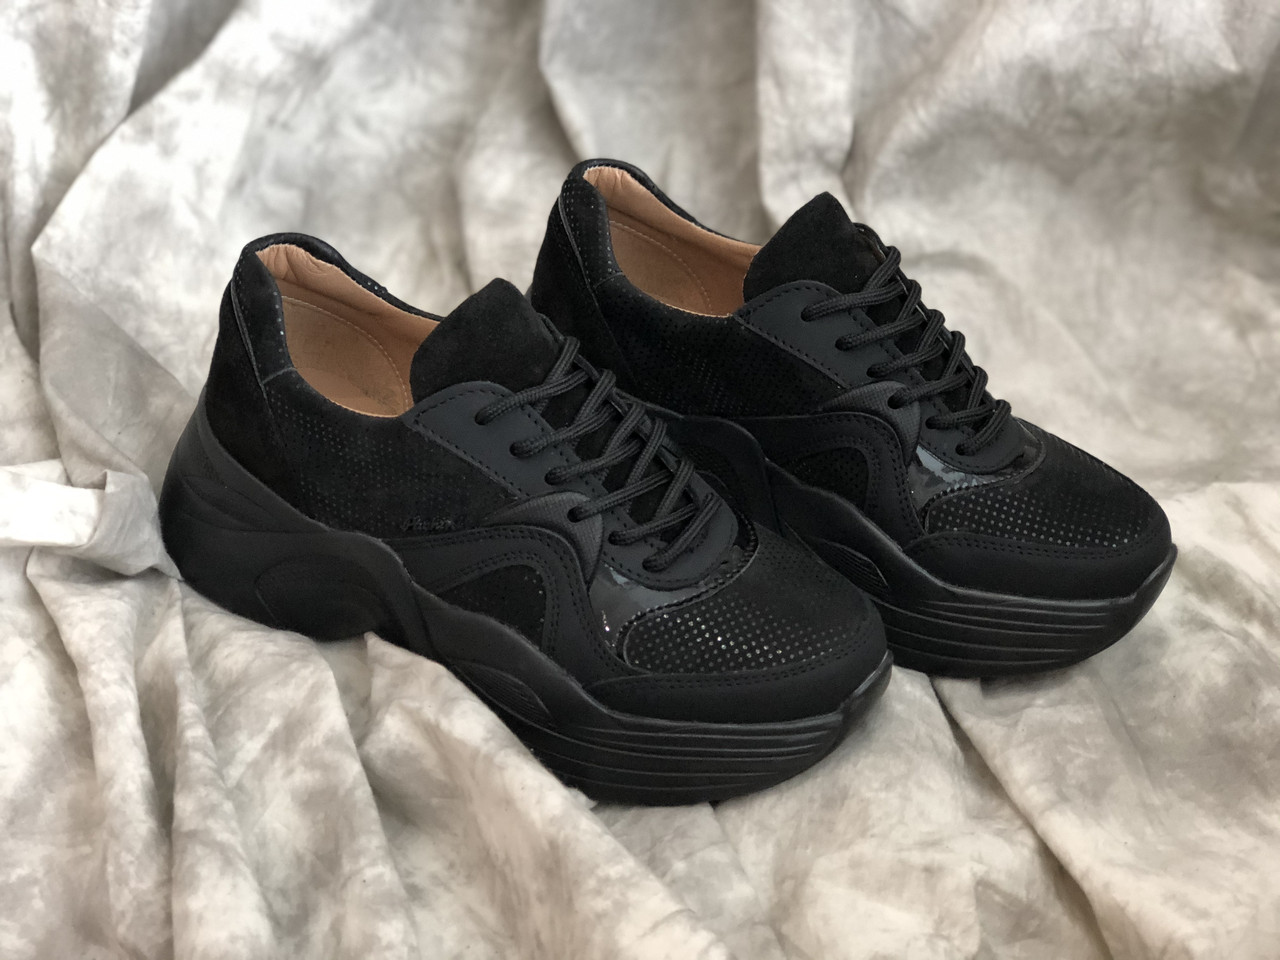 Кожаные женские кроссовки Carlo Pachini 4431/21 размеры 36-40